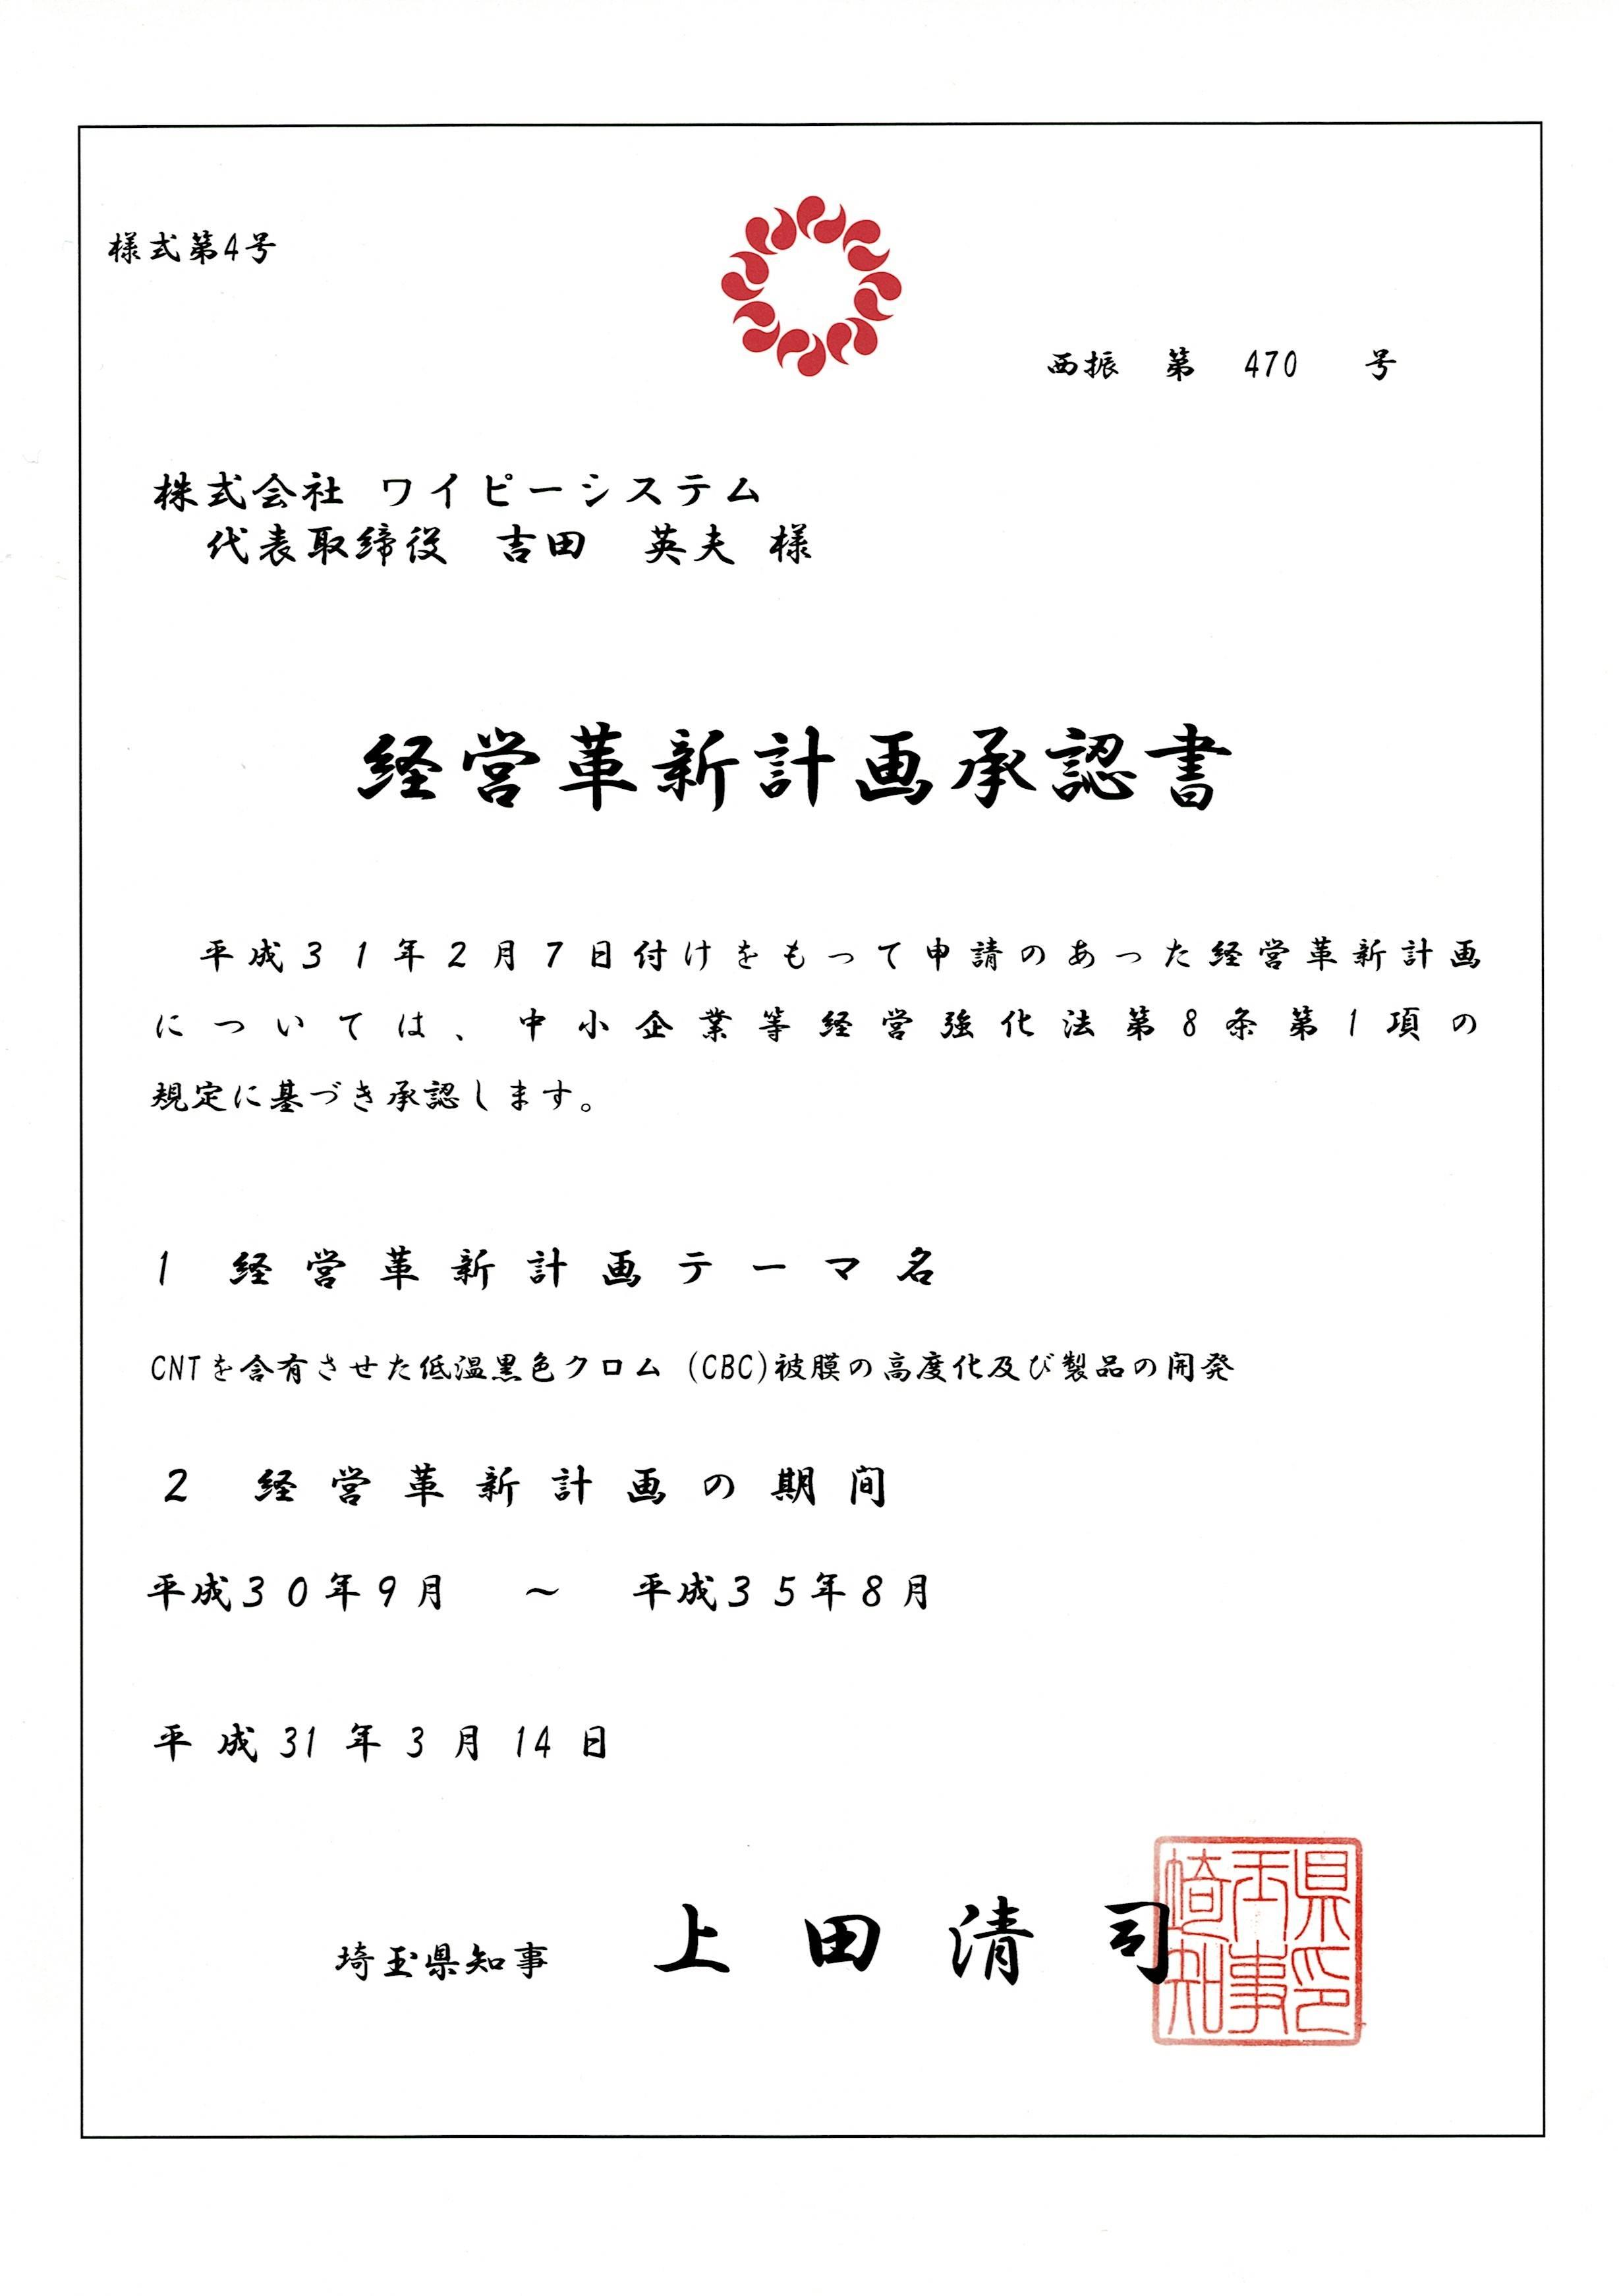 埼玉県より経営革新企業の認定を受けました